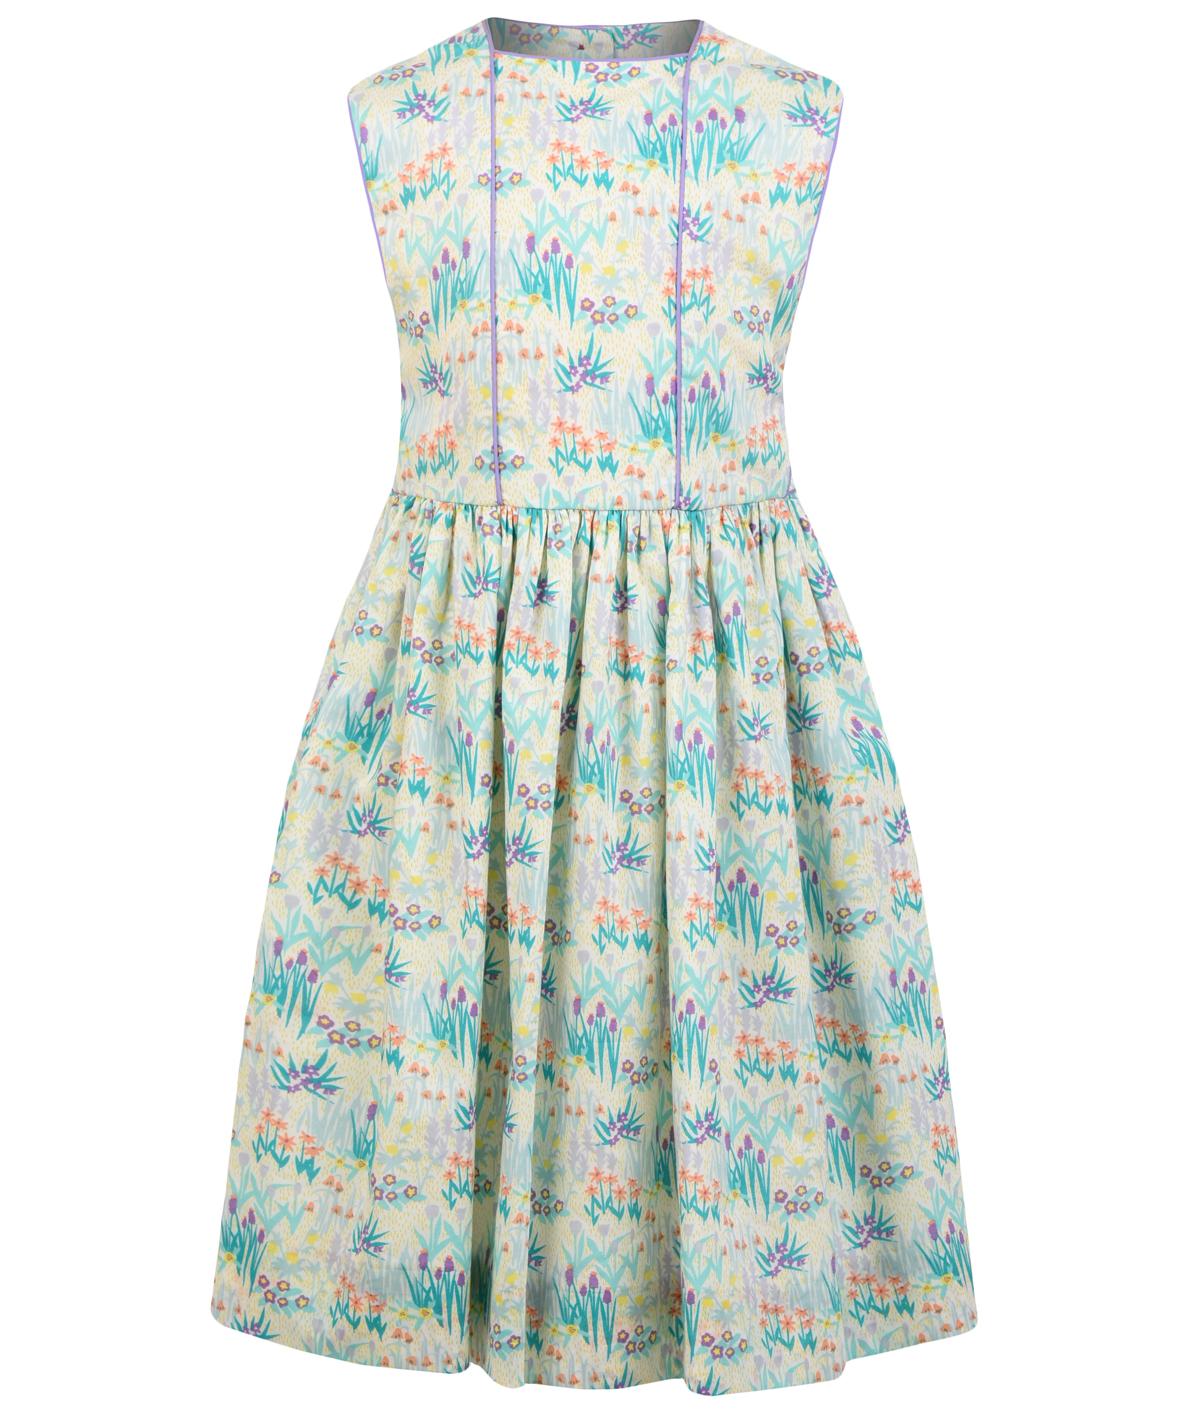 e45b2010d1d9 April Dress - April Showers Liberty print